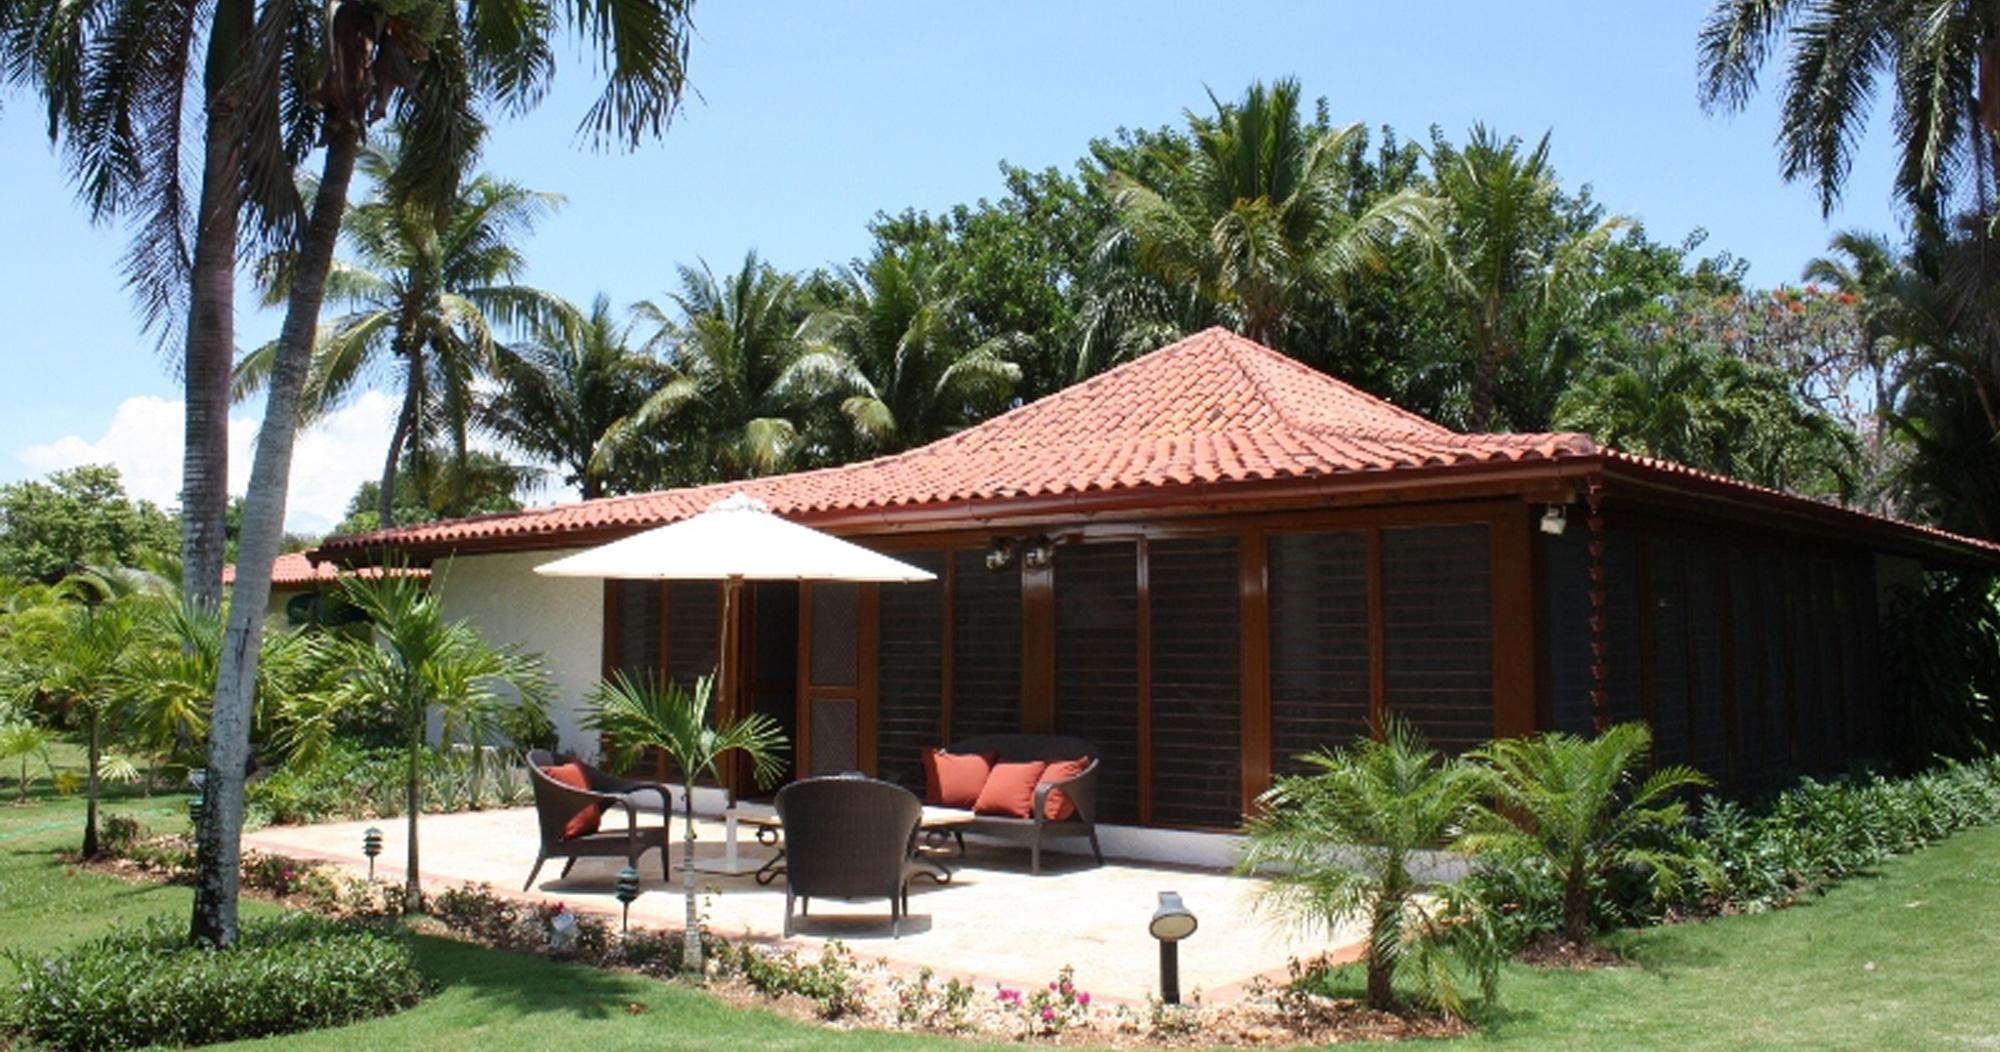 Casa de campo golf villa lilly real estate tropical for Casa de campo villas